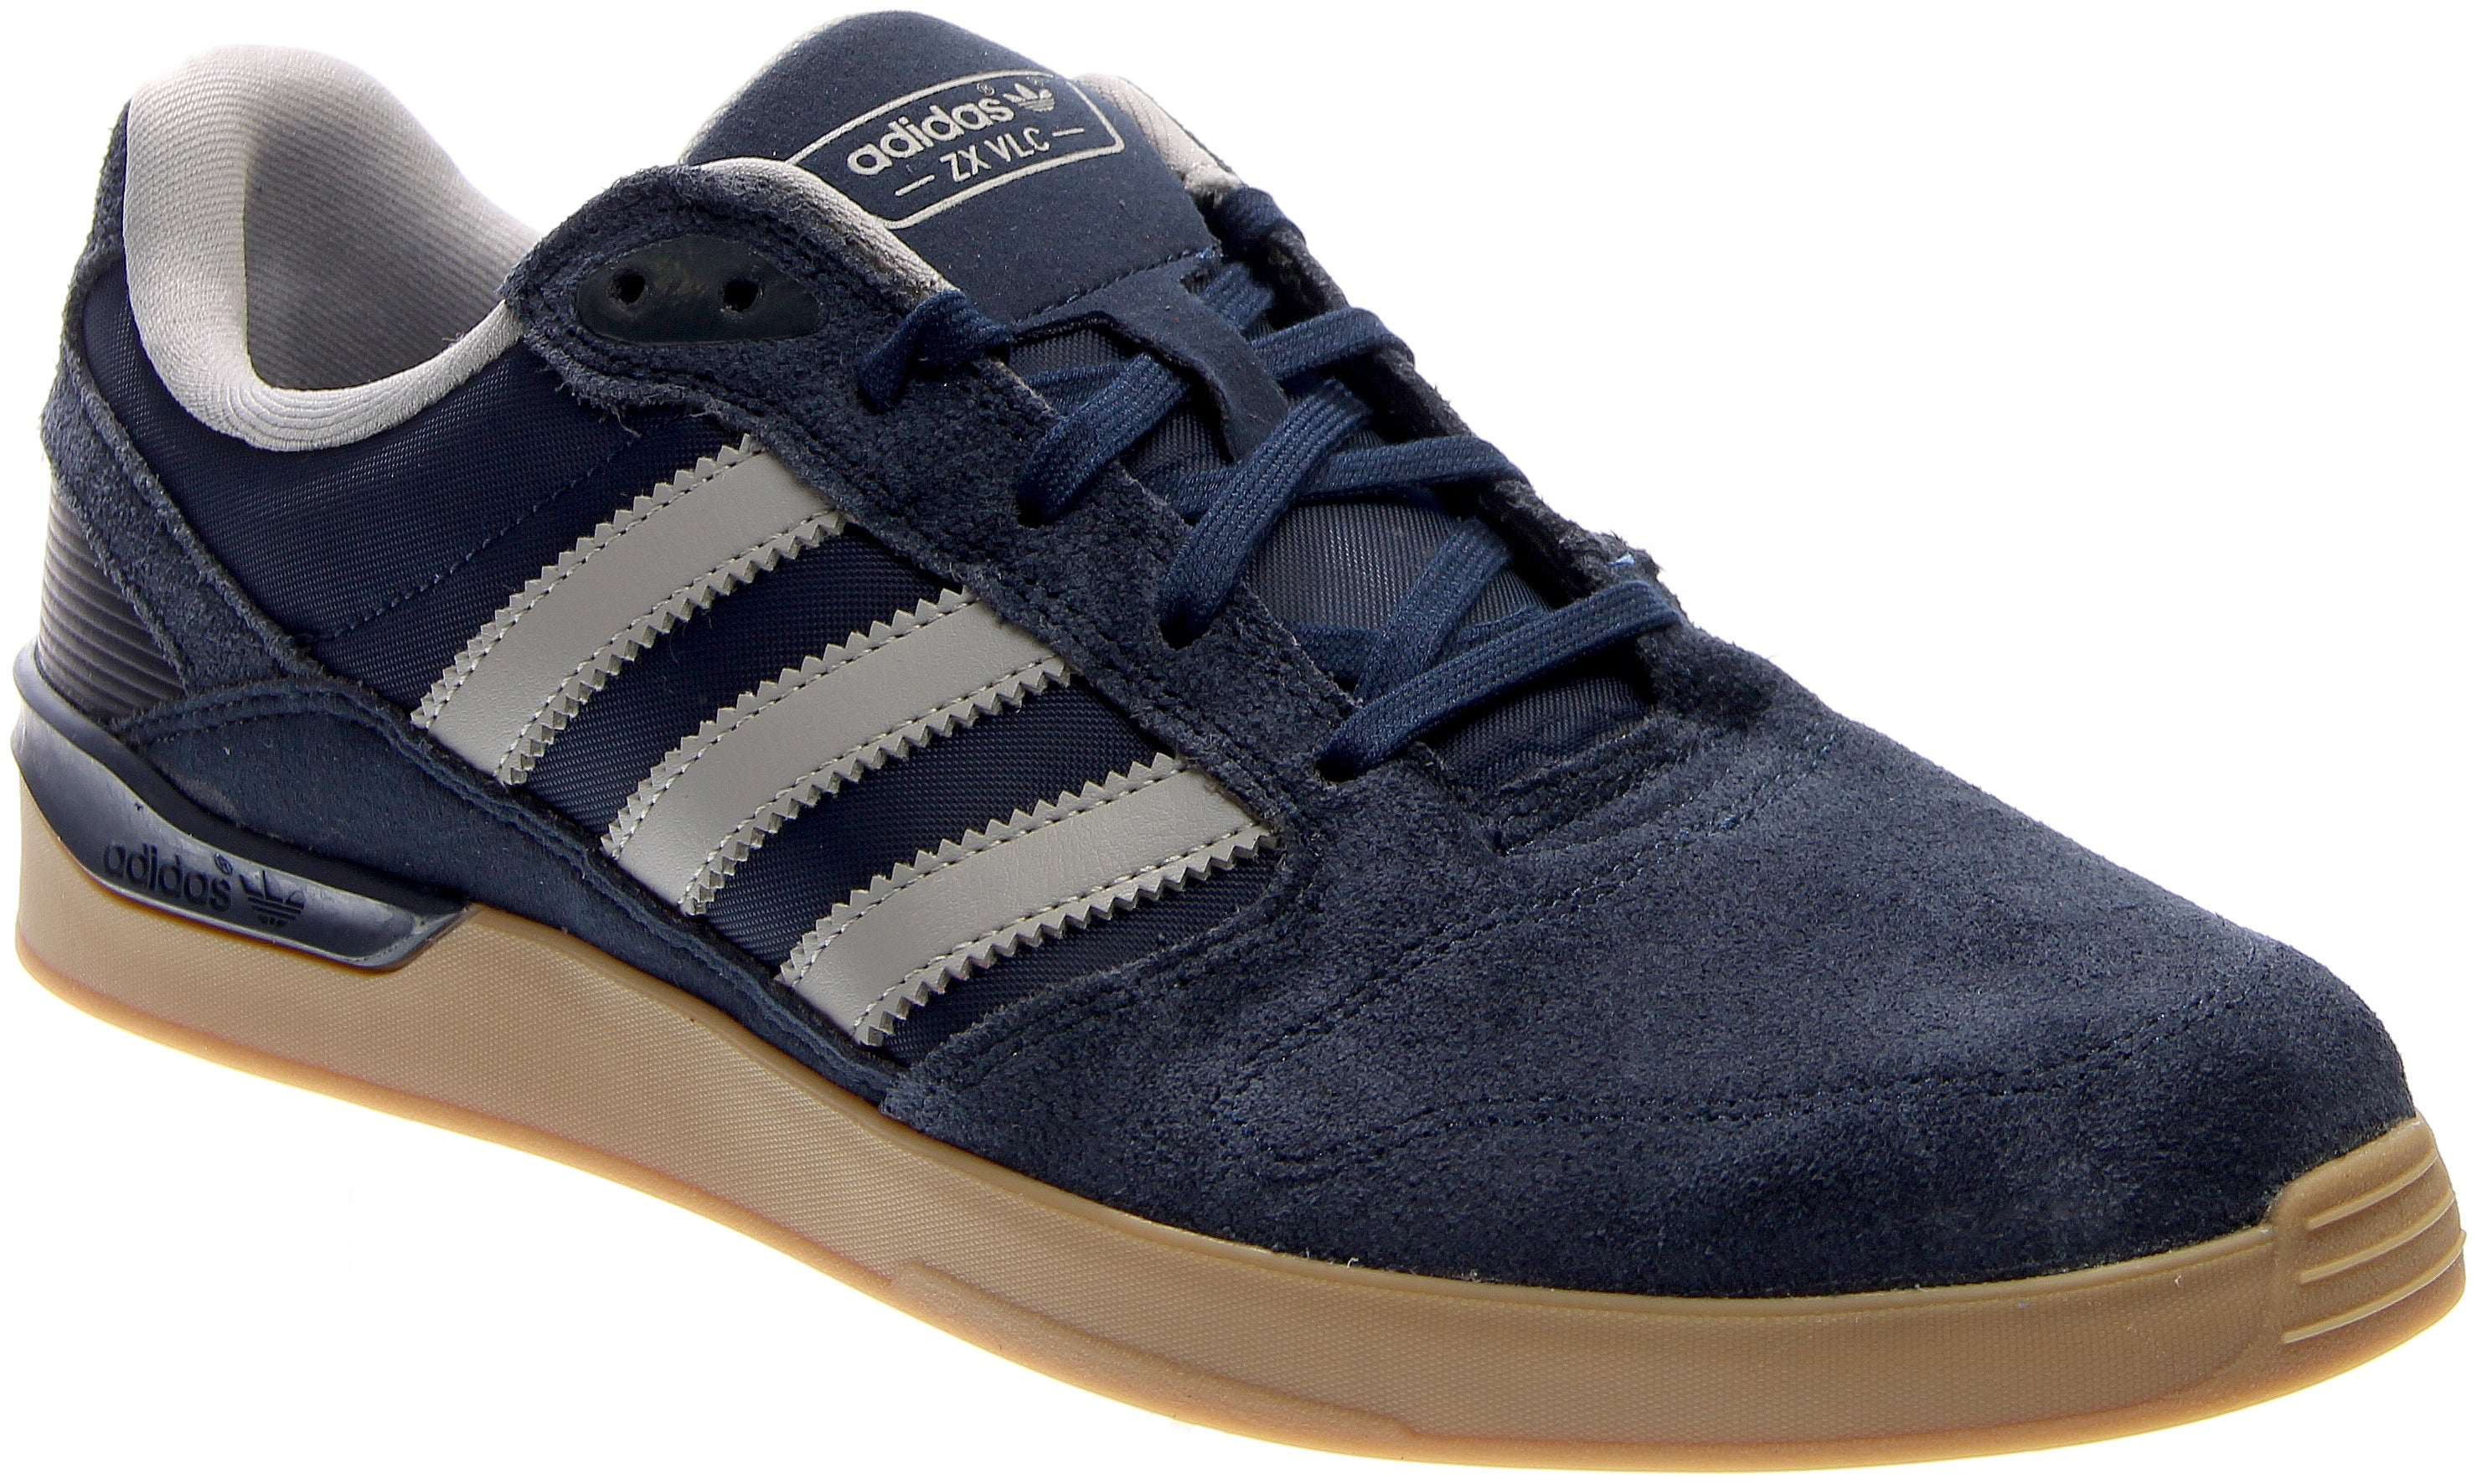 c524b37f0d6de adidas ZX Vulc Sneakers - Navy - Mens